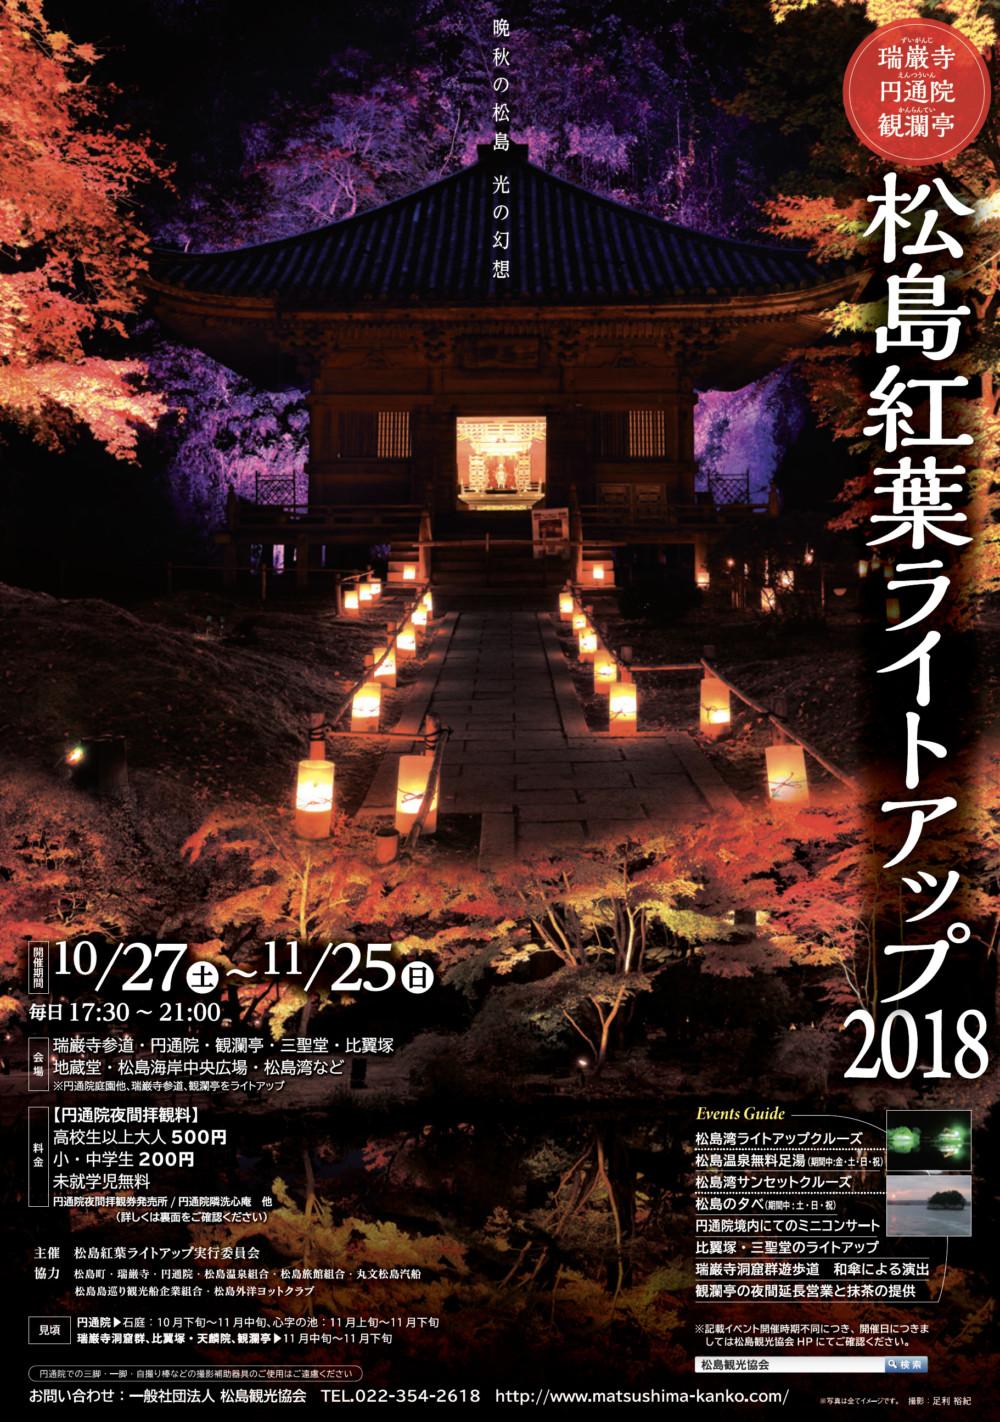 松島紅葉ライトアップ2018